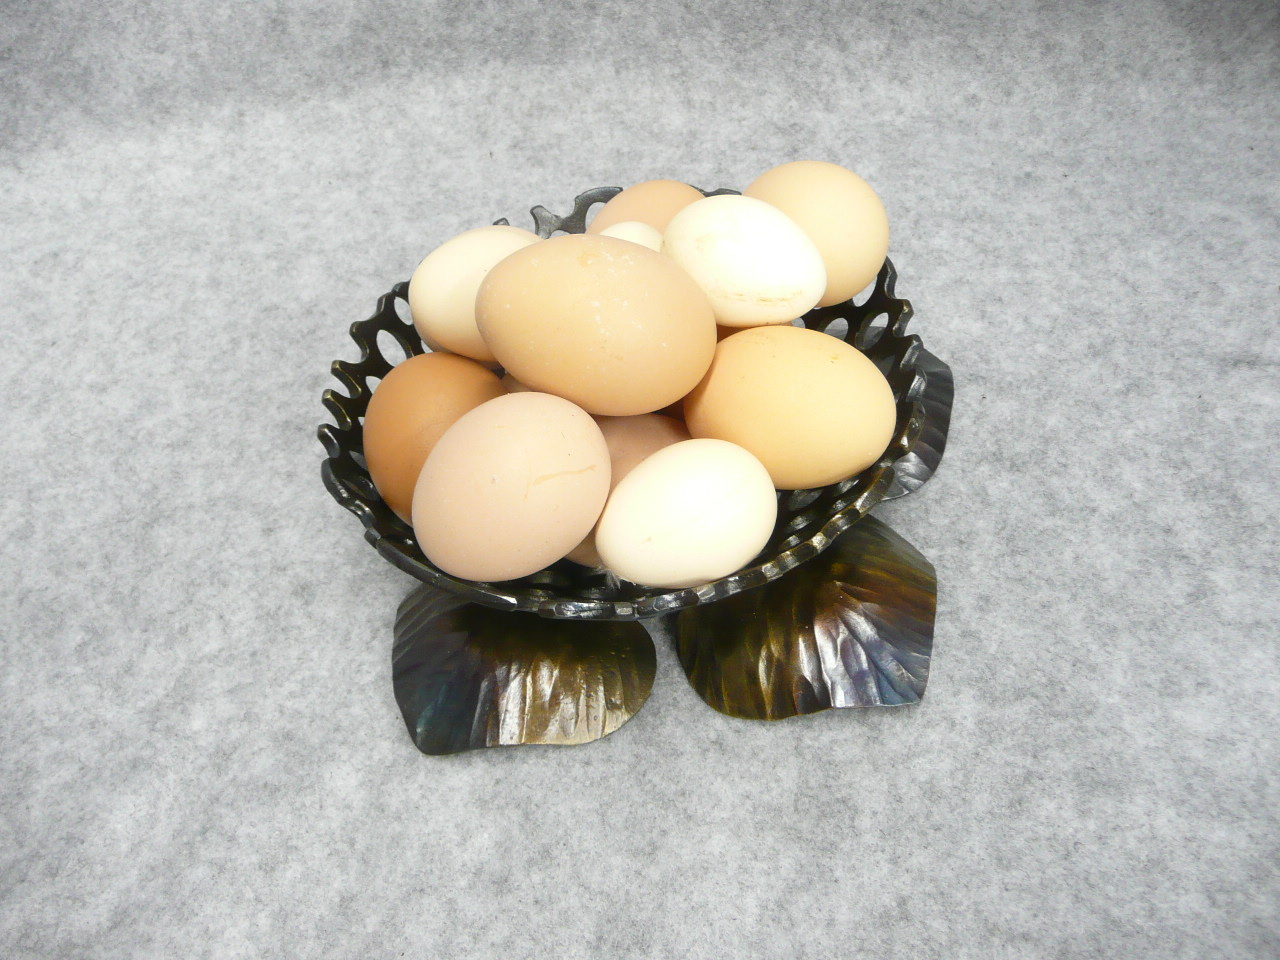 egg bowl 003.jpg